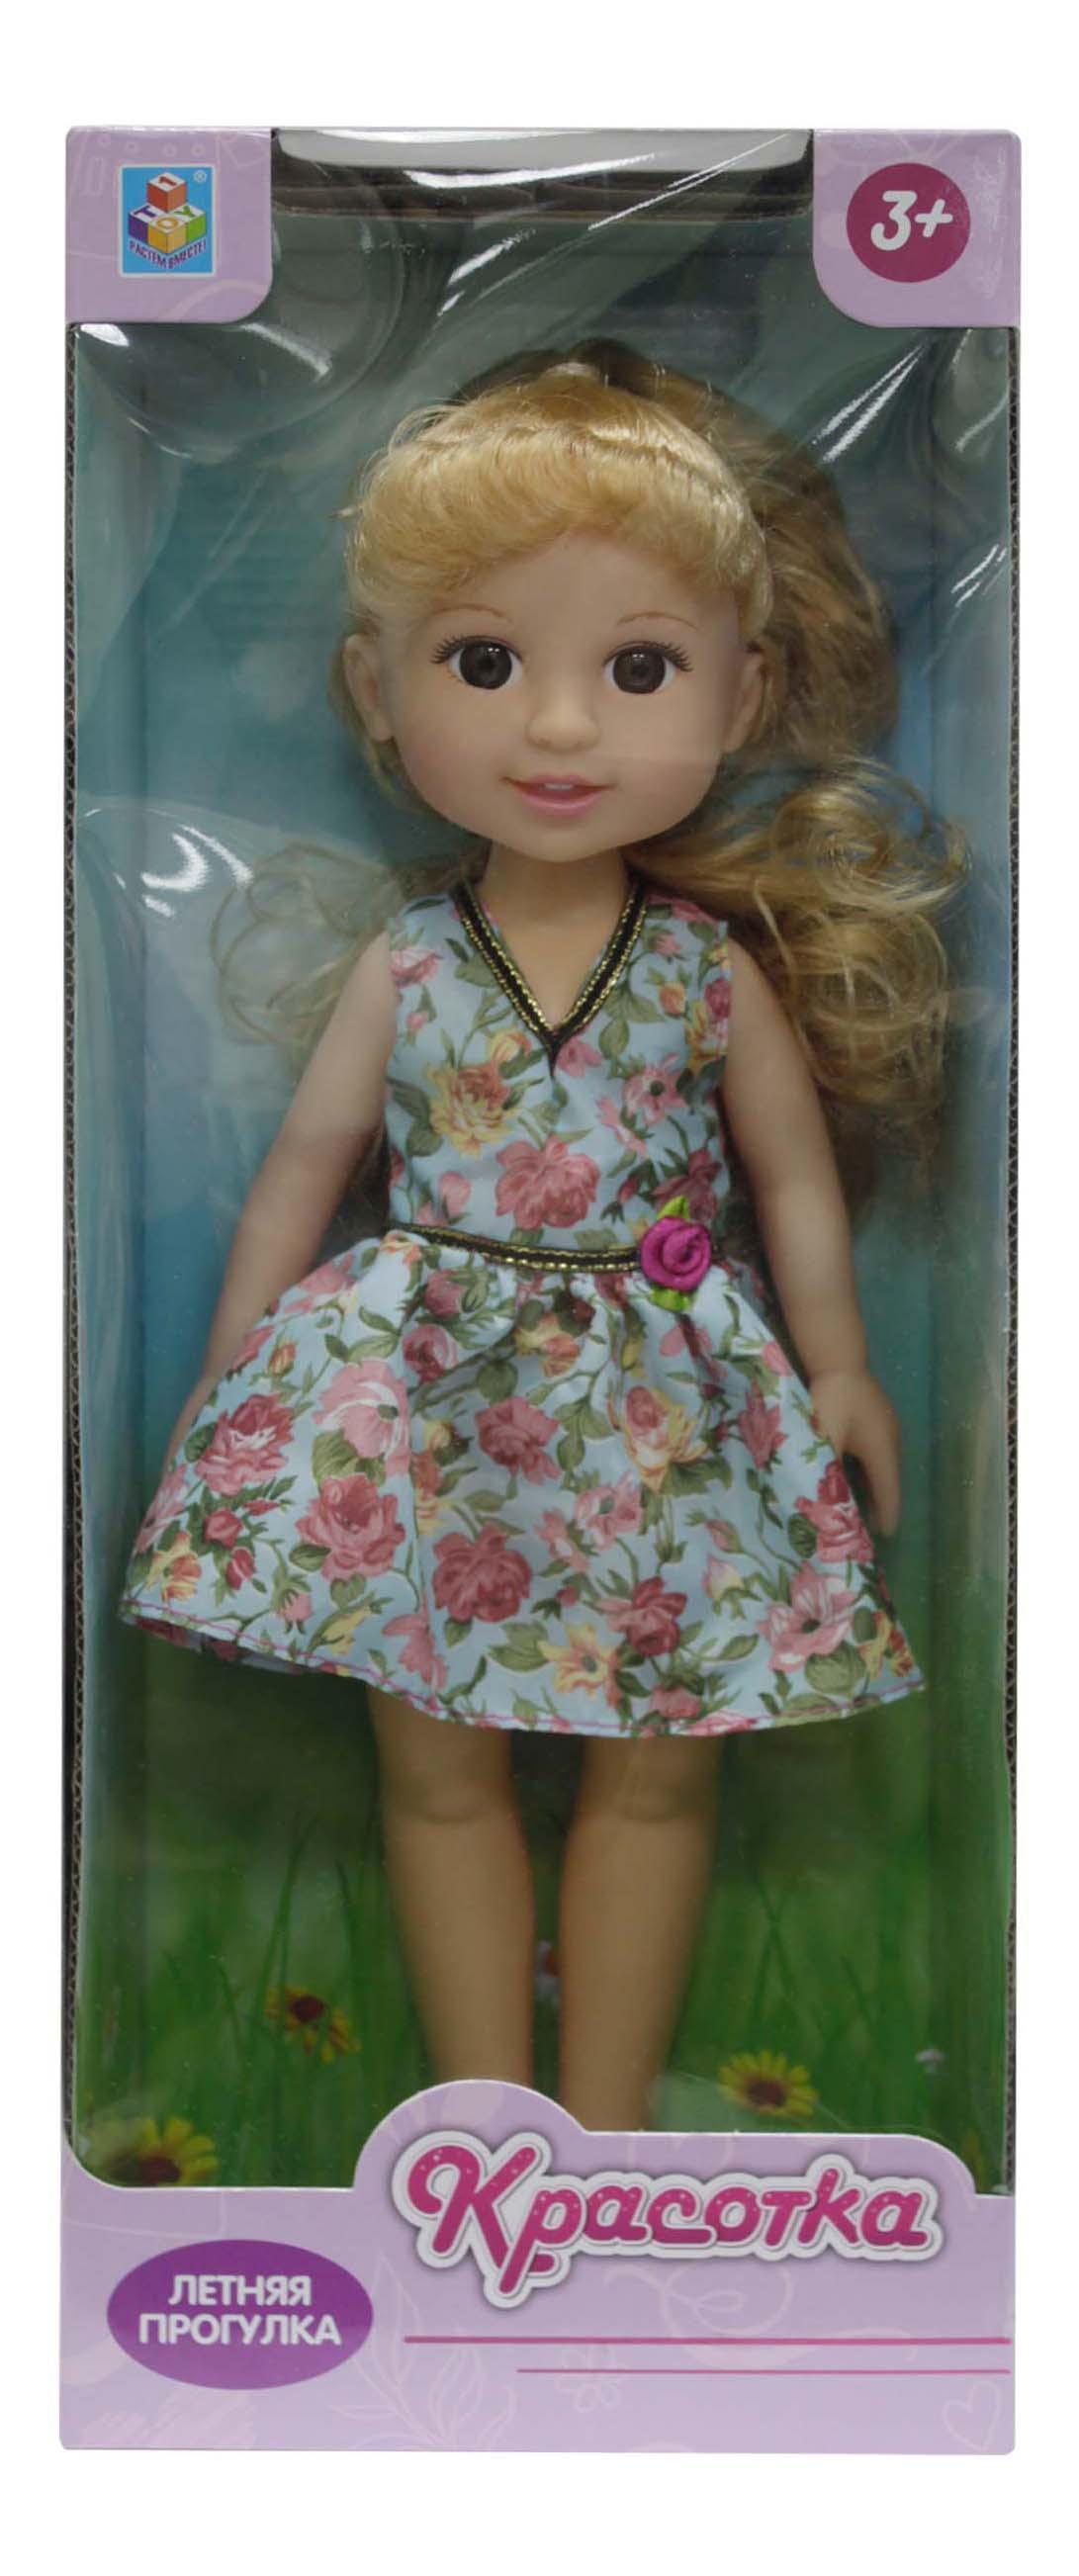 Кукла красотка в голубом платье летняя прогулка блондинка 1Toy т10276 1 TOY Классическая кукла т10276